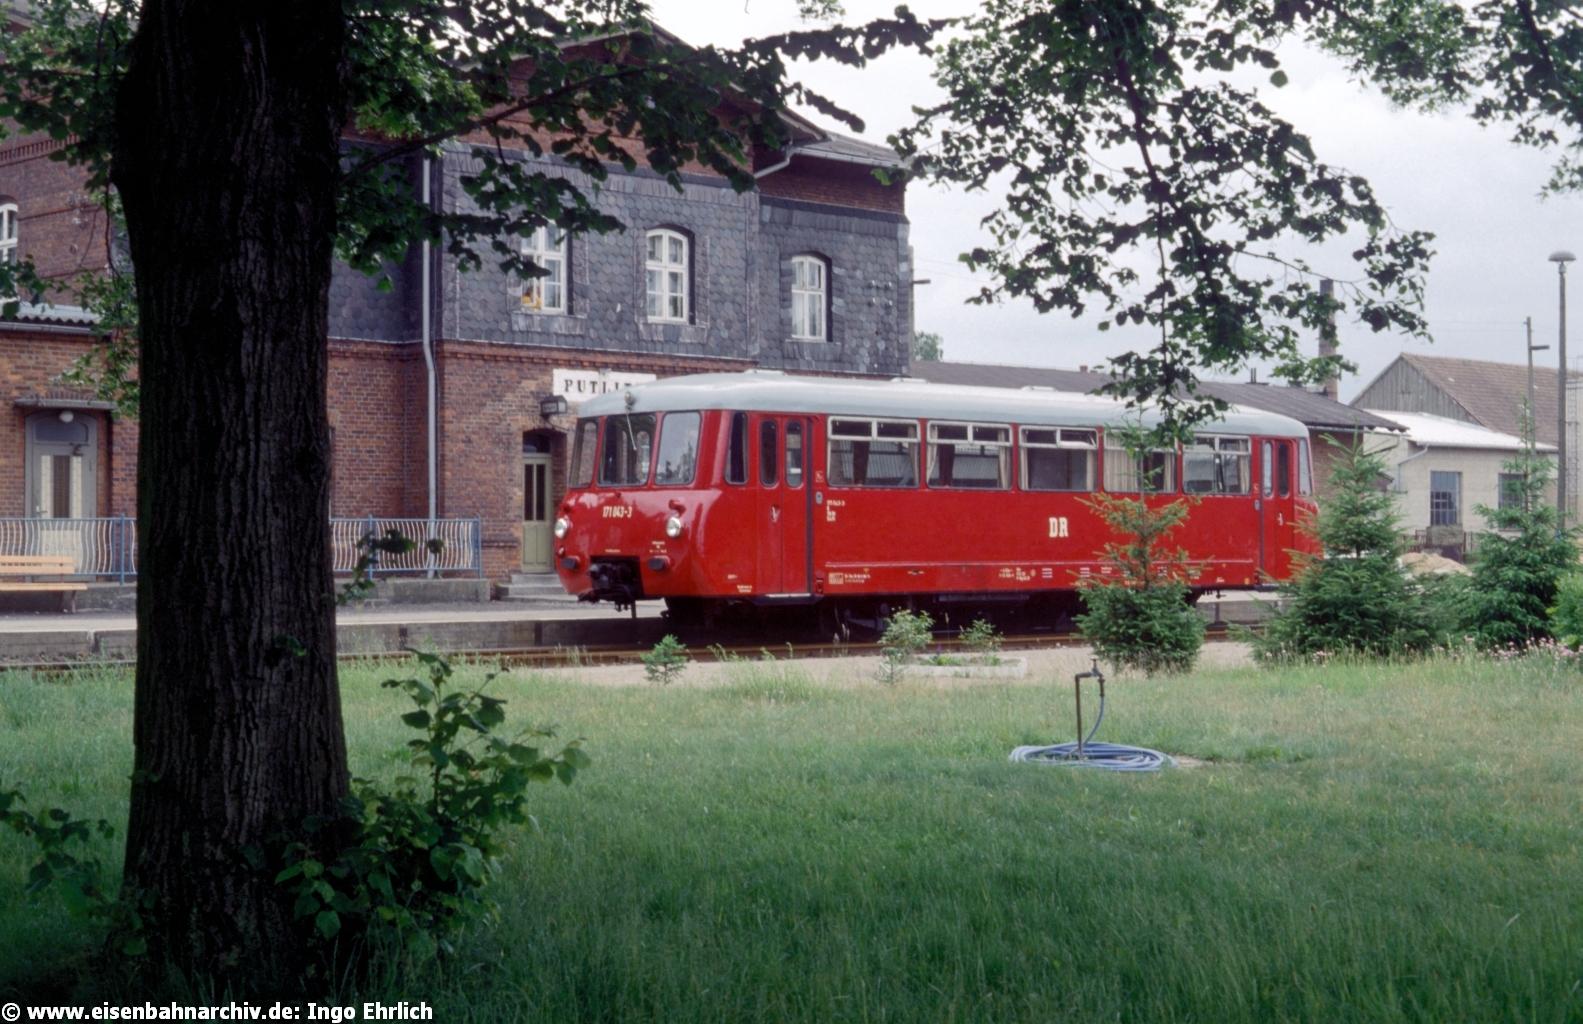 171 043 in Putlitz